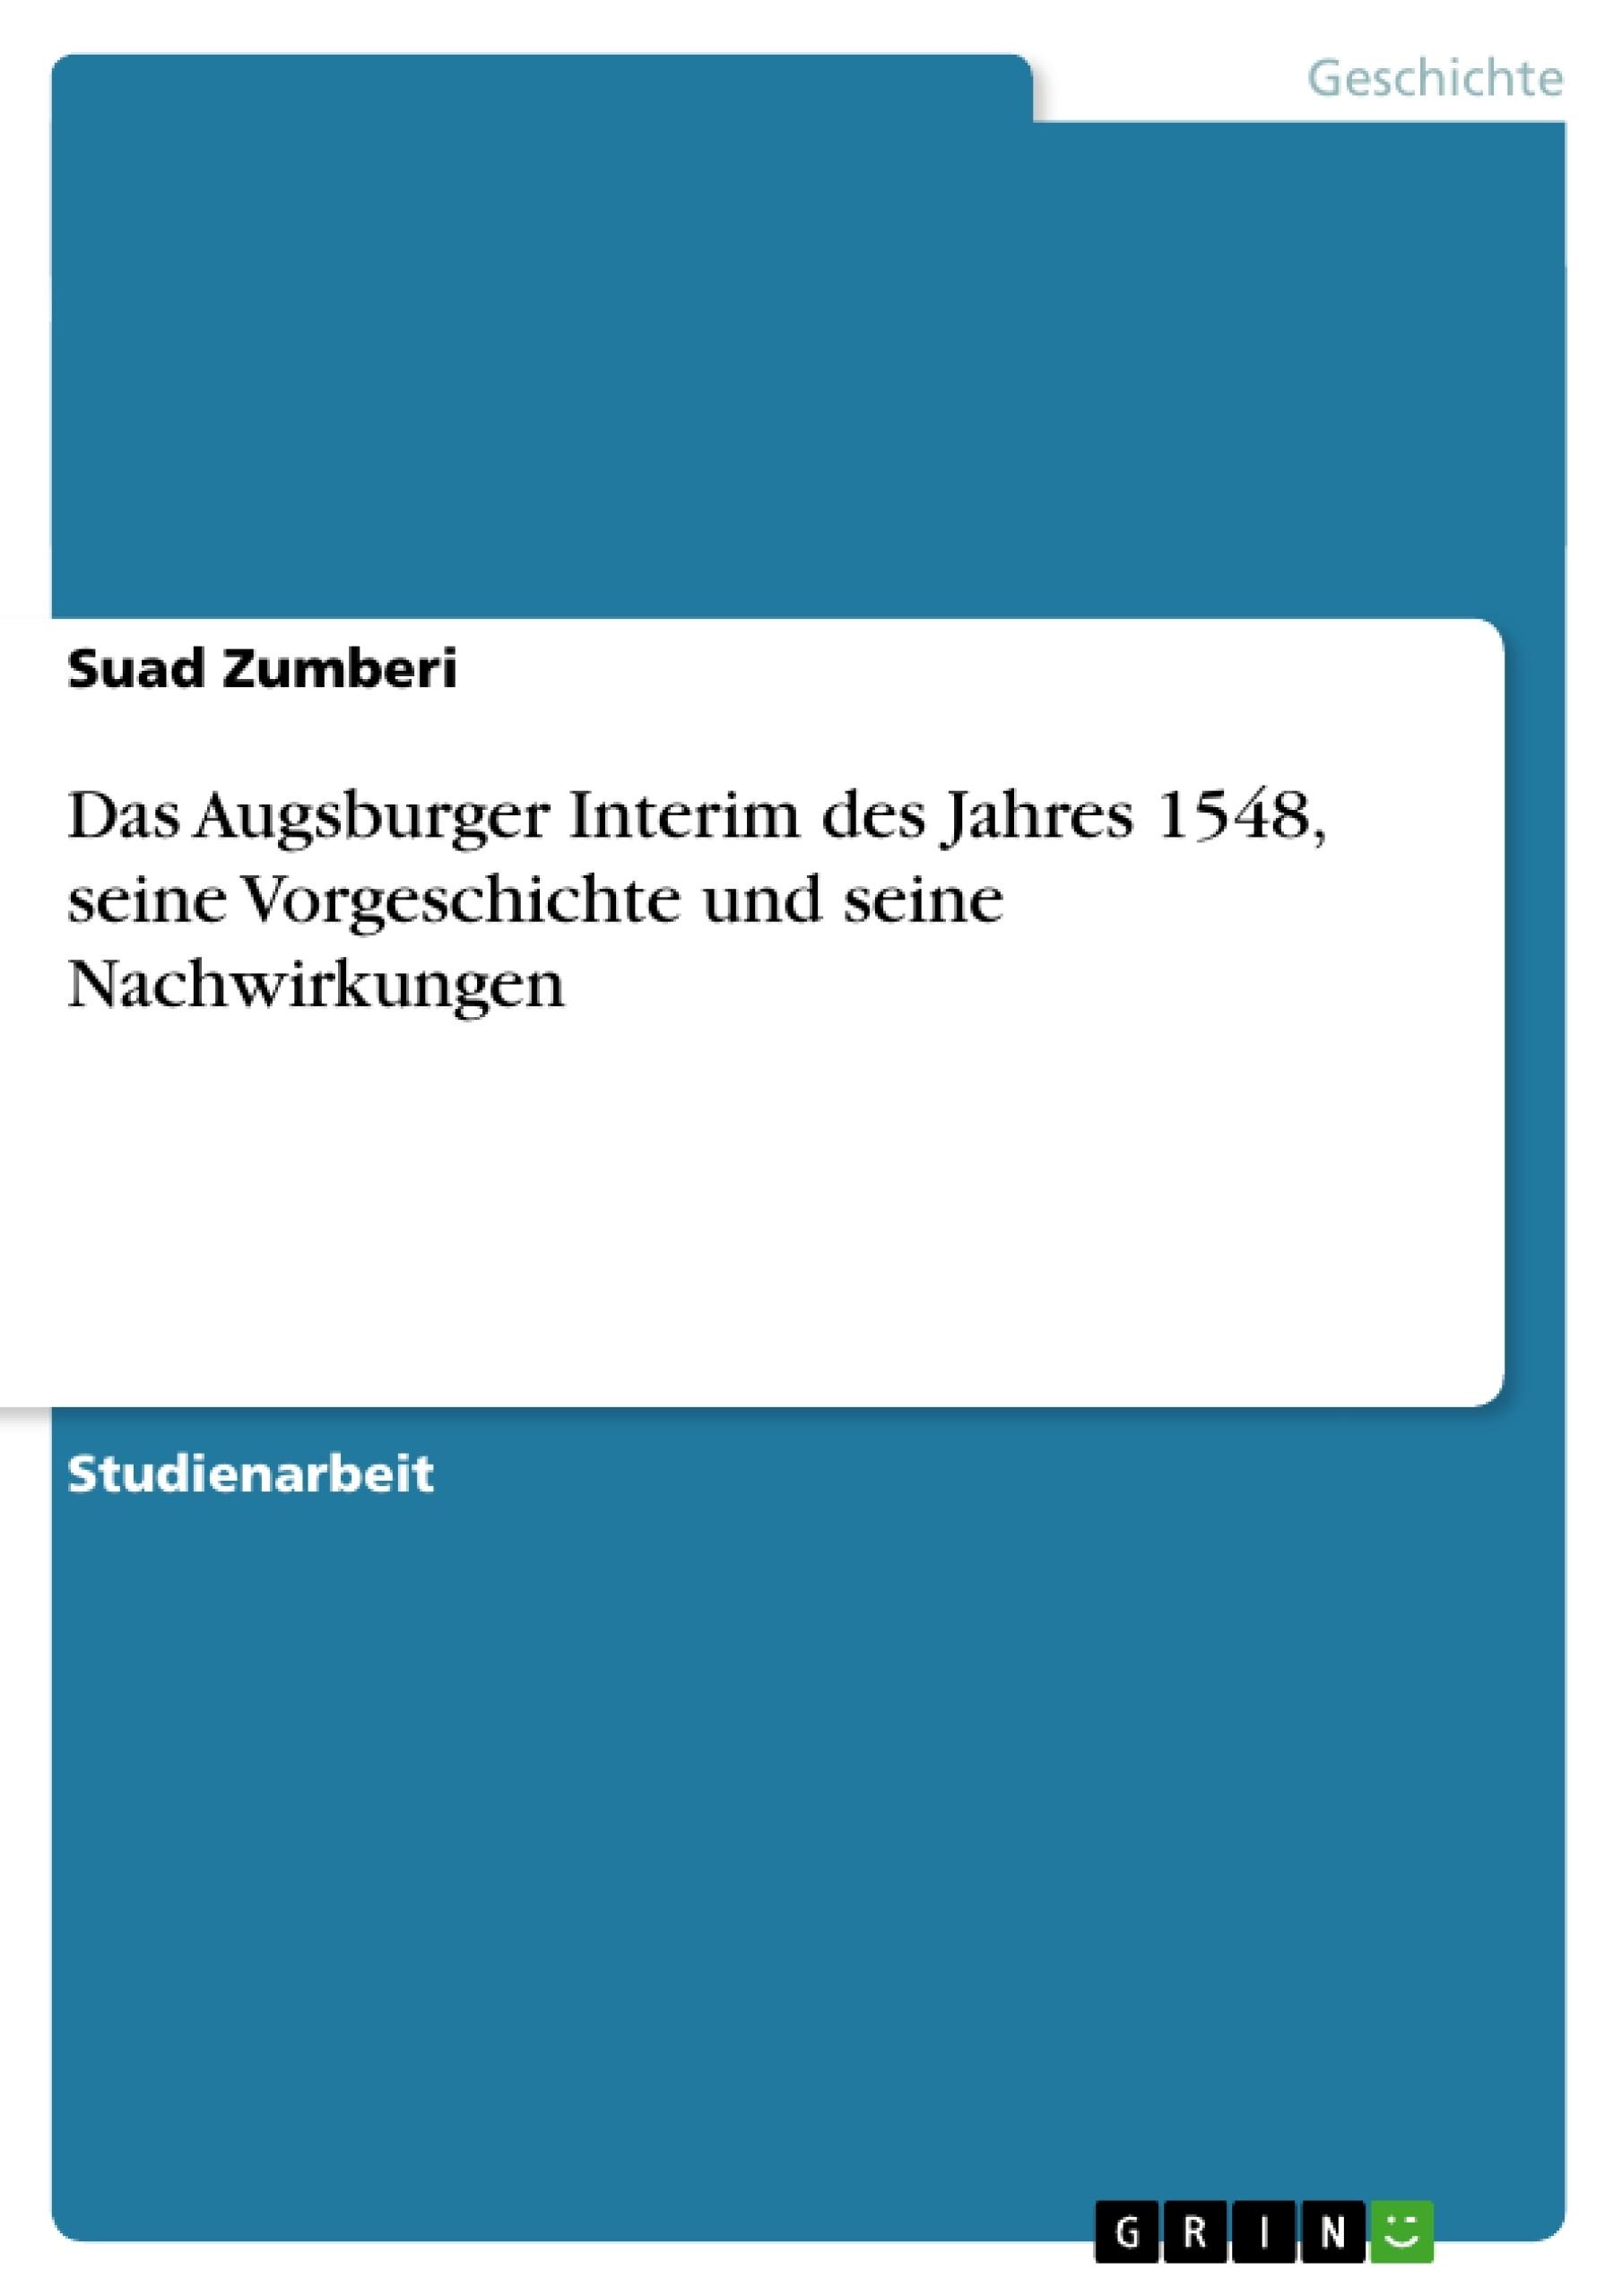 Titel: Das Augsburger Interim des Jahres 1548, seine Vorgeschichte und seine Nachwirkungen